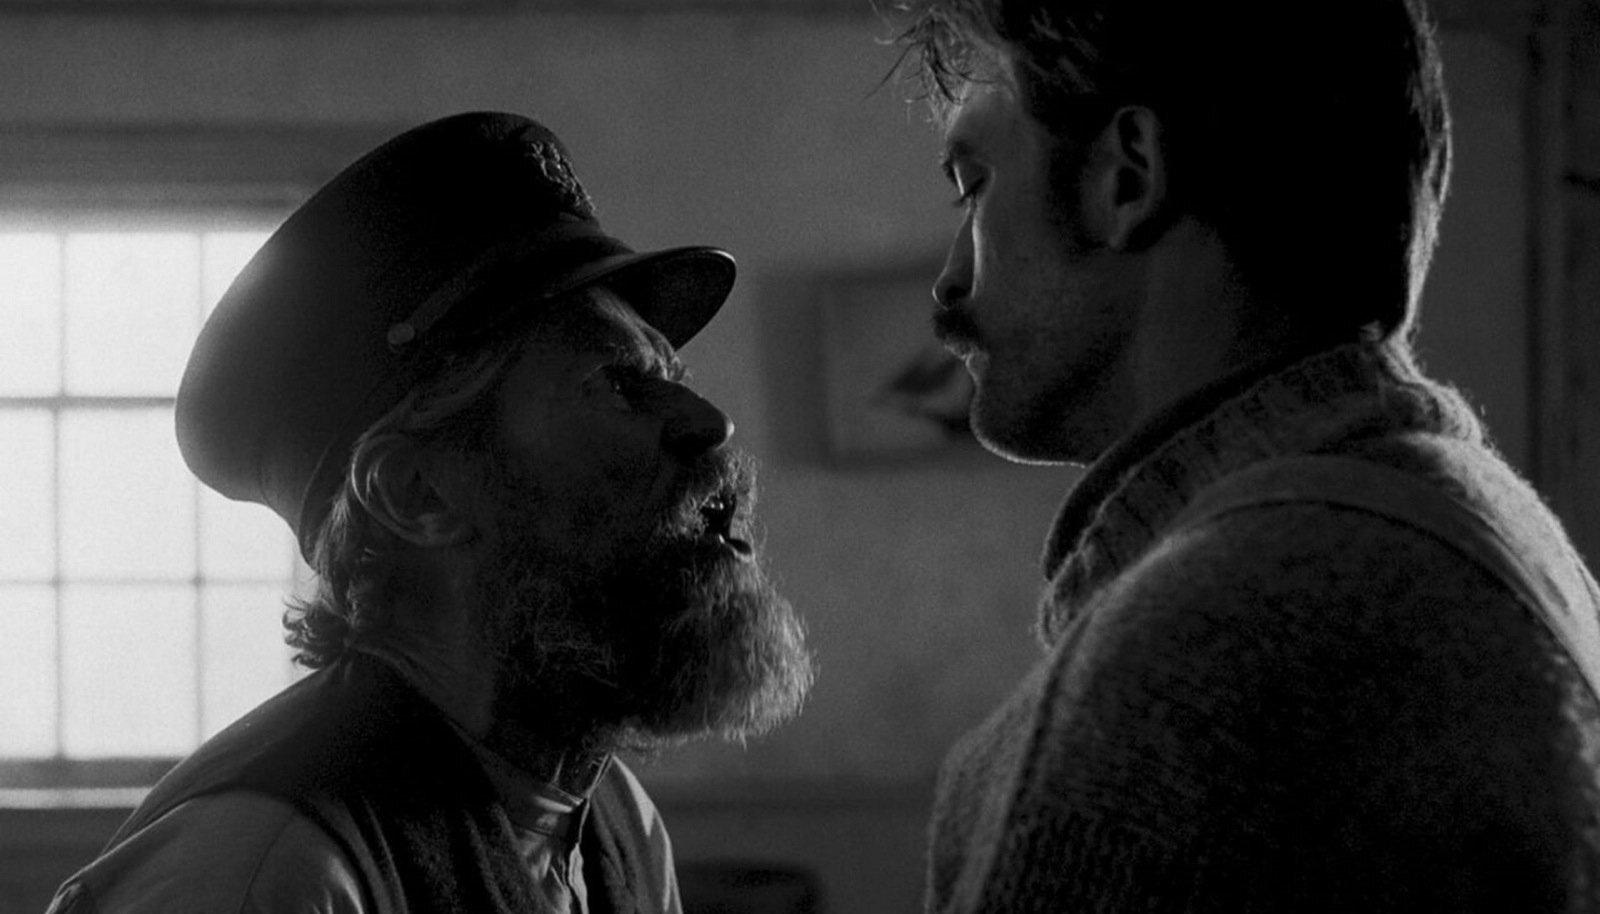 PEENELT ÕUDNE LUGU: Noor mees Ephraim Winslow (Robert Pattinson, paremal) läheb majakavahiks üksikule saarele, kus tema ülemuseks saab karmi käega vanamees Tom Wake (Willem Dafoe).